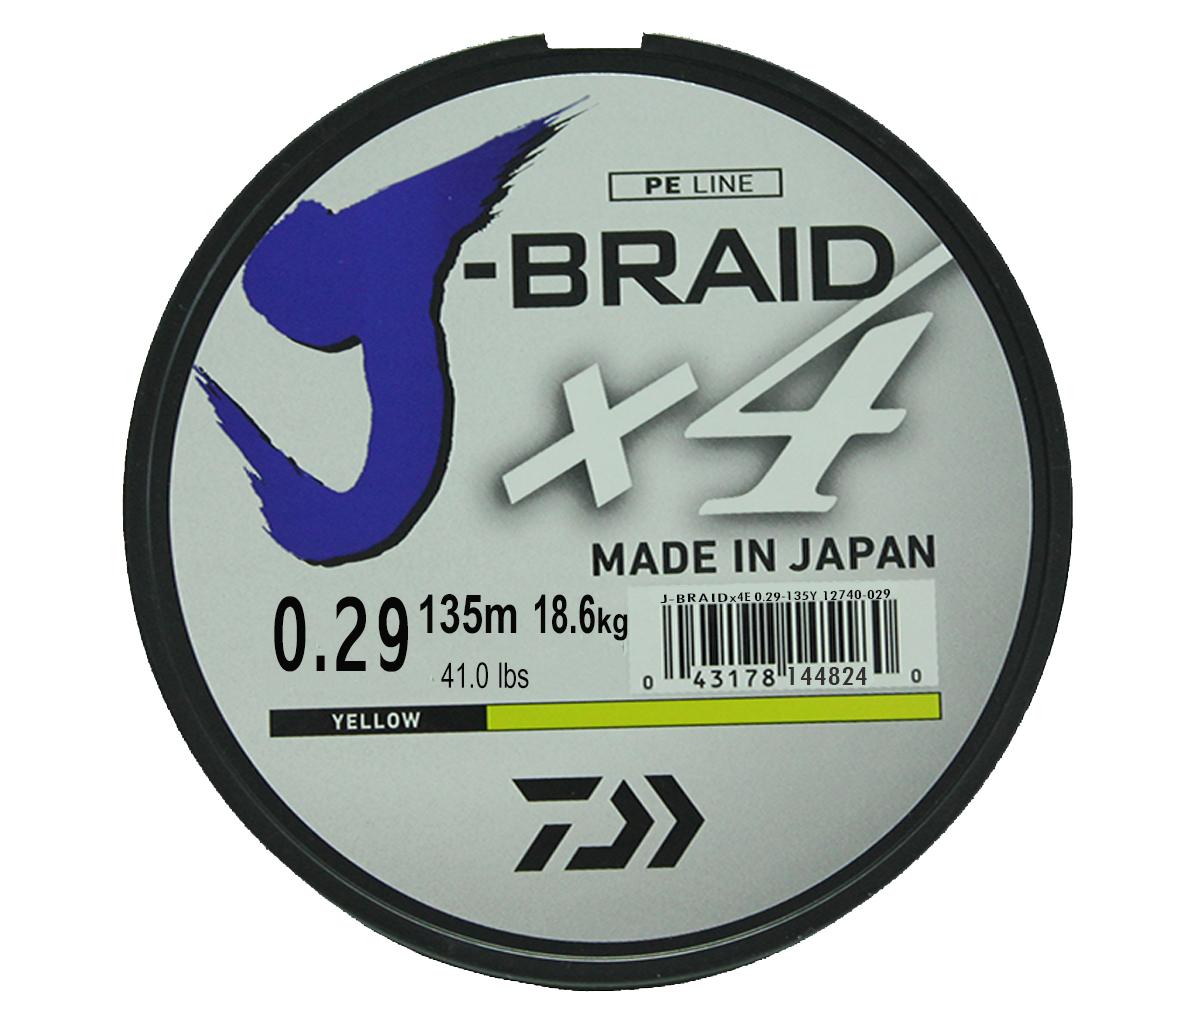 Шнур плетеный Daiwa J-Braid X4, цвет: флуоресцентный желтый, 135 м, 0,29 мм61143Новый четырехжильный шнур J-Braid от Daiwa - шнур высокого класса с удивительным соотношением цены и качества. Качество плетения полностью соответствует японским стандартам и удовлетворяет всем требованиям. Представленные диаметры позволяют использовать шнур для всех техник ловли, начиная от Ultra-Light ловли окуня, до морской ловли палтуса, трески и так далее.